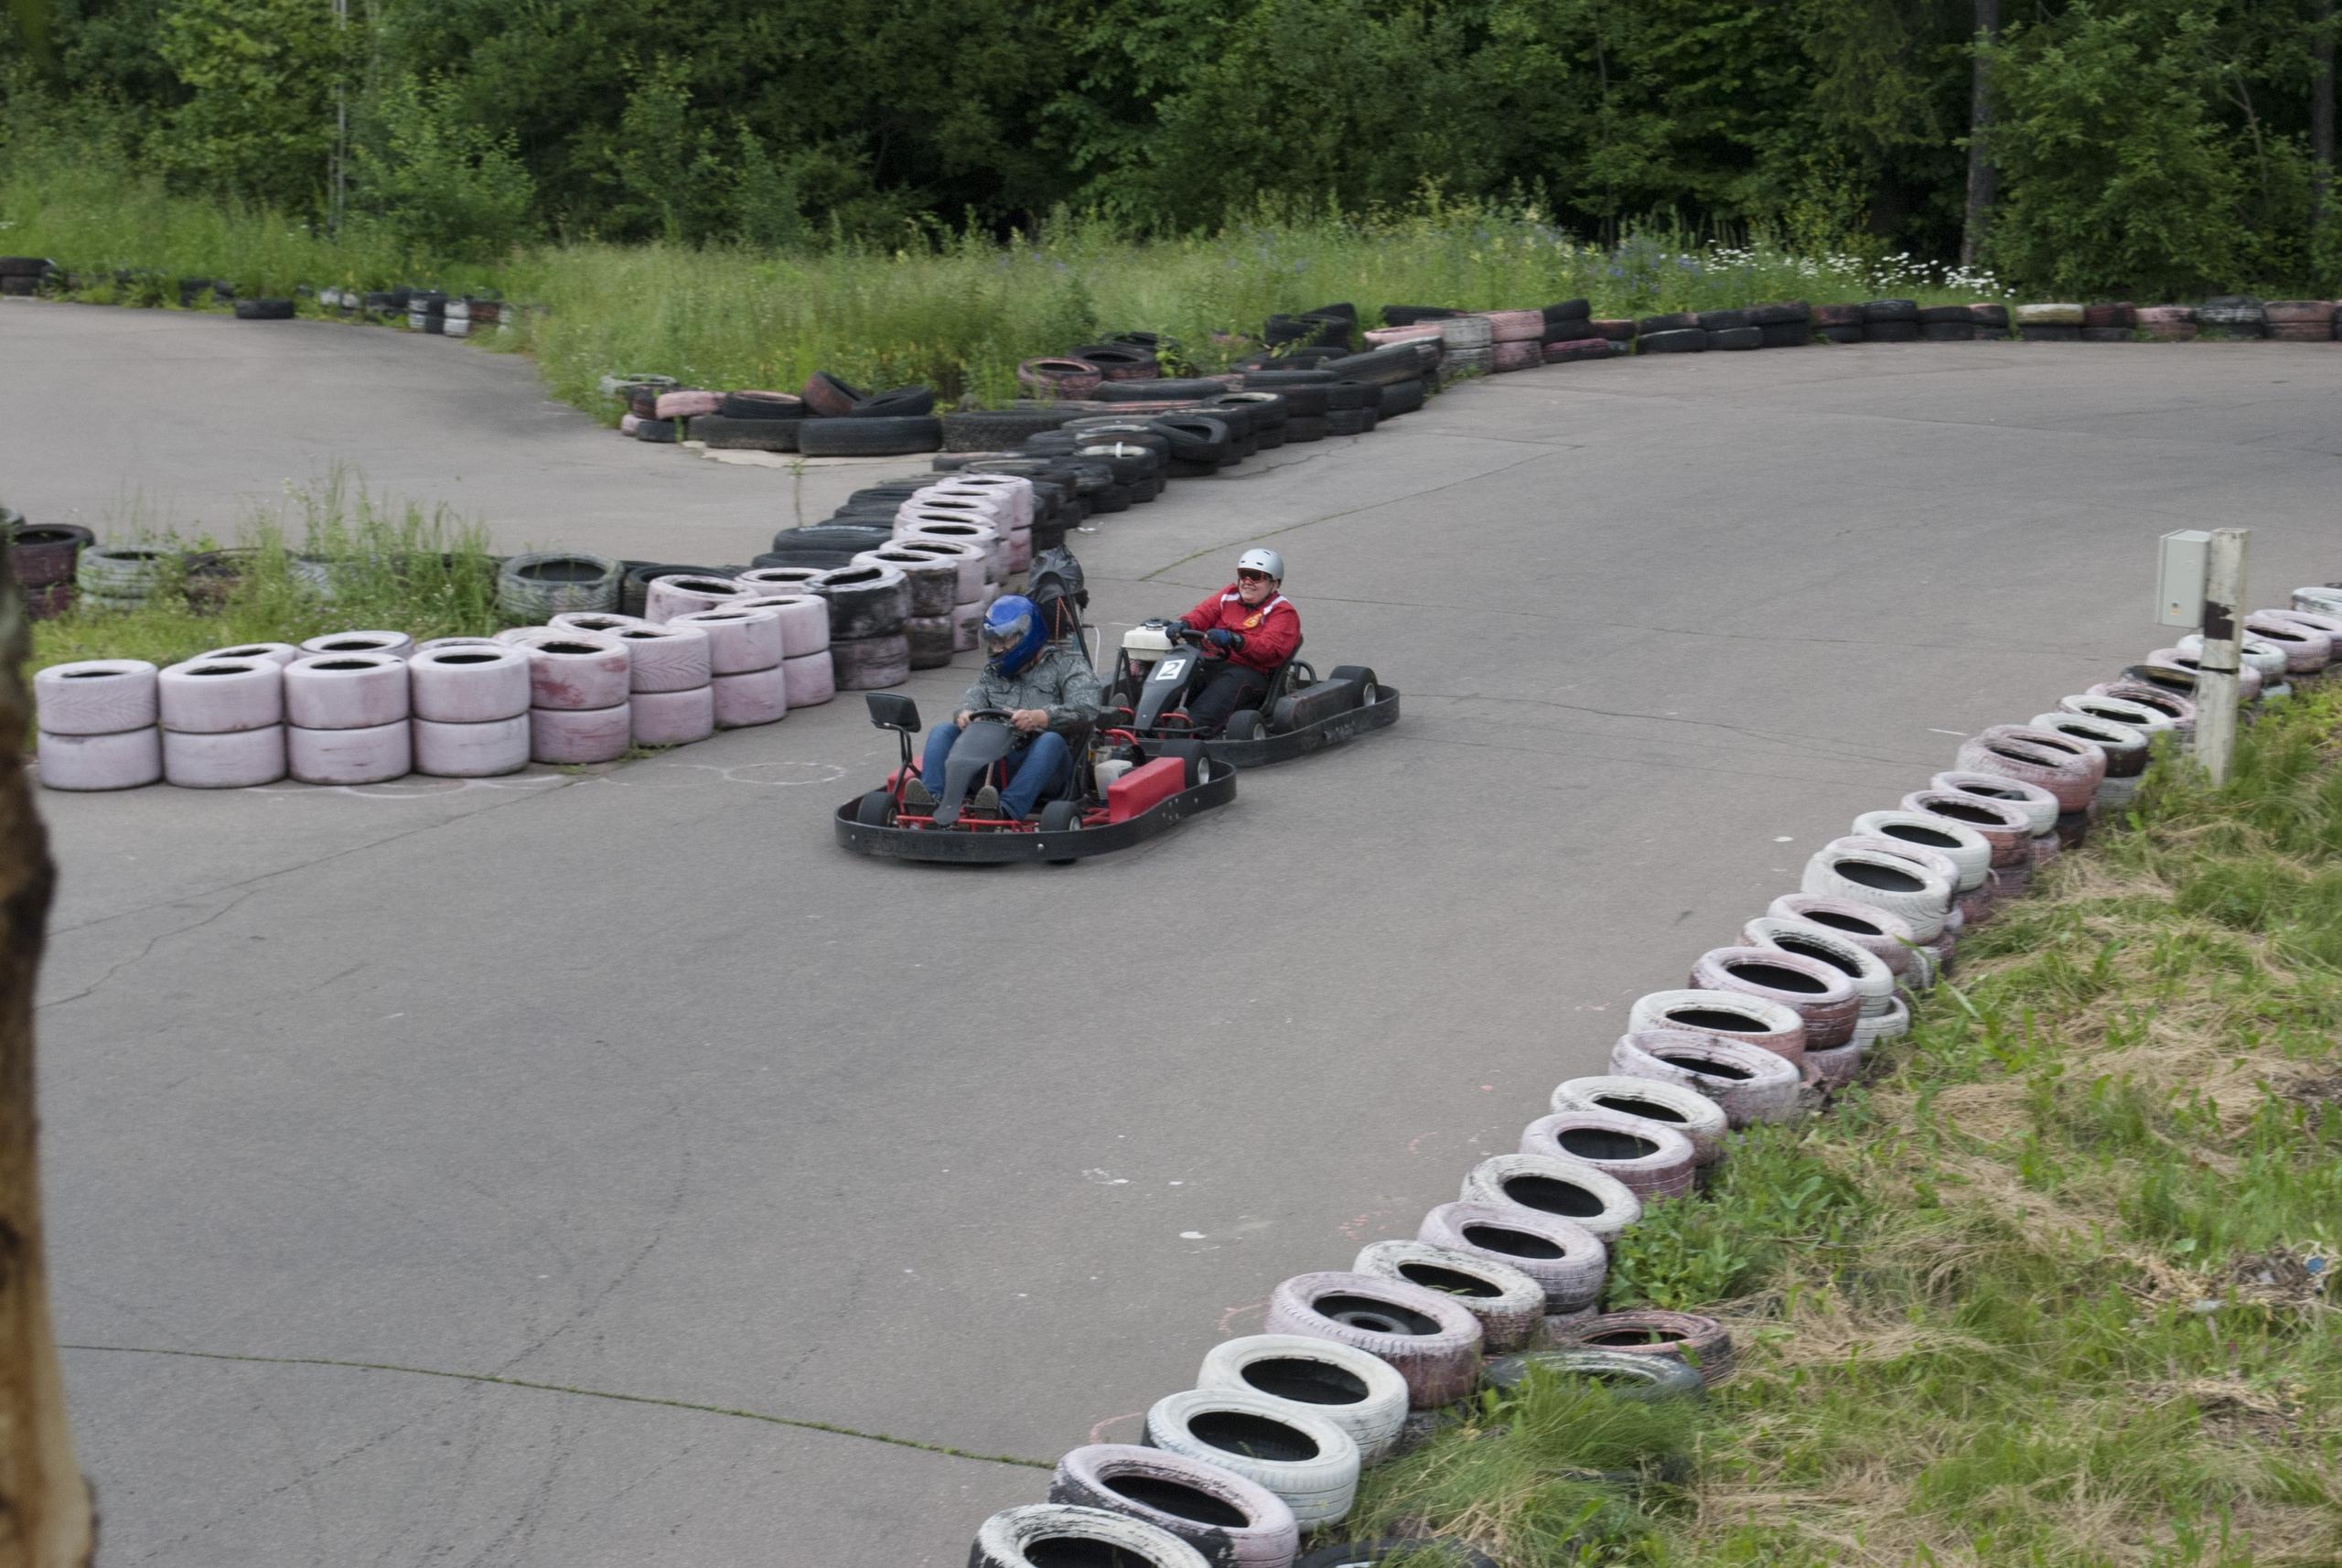 Павел Дрёмин и Андрей Заяц, в процессе езды по треку. На подходе к финишу.